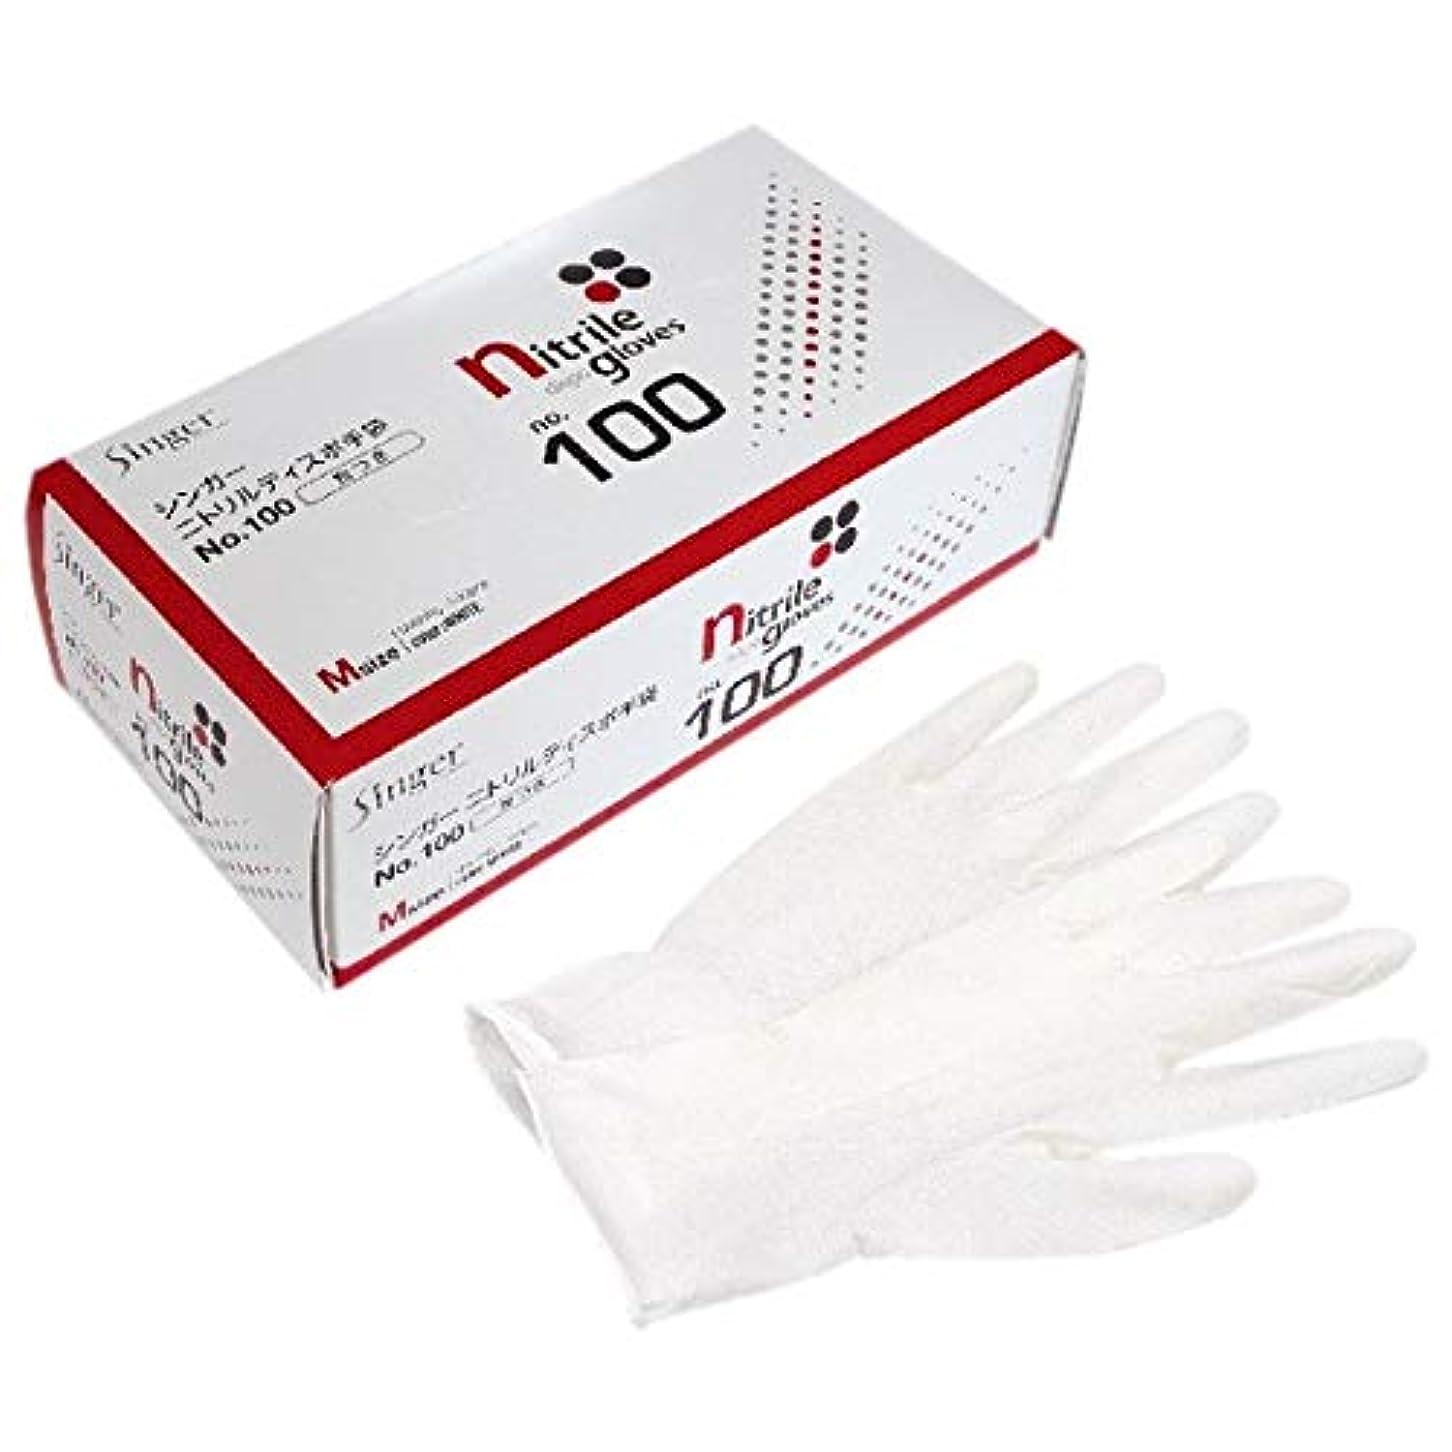 シンガーニトリルディスポ手袋 No.100 白 粉付 Lサイズ 100枚